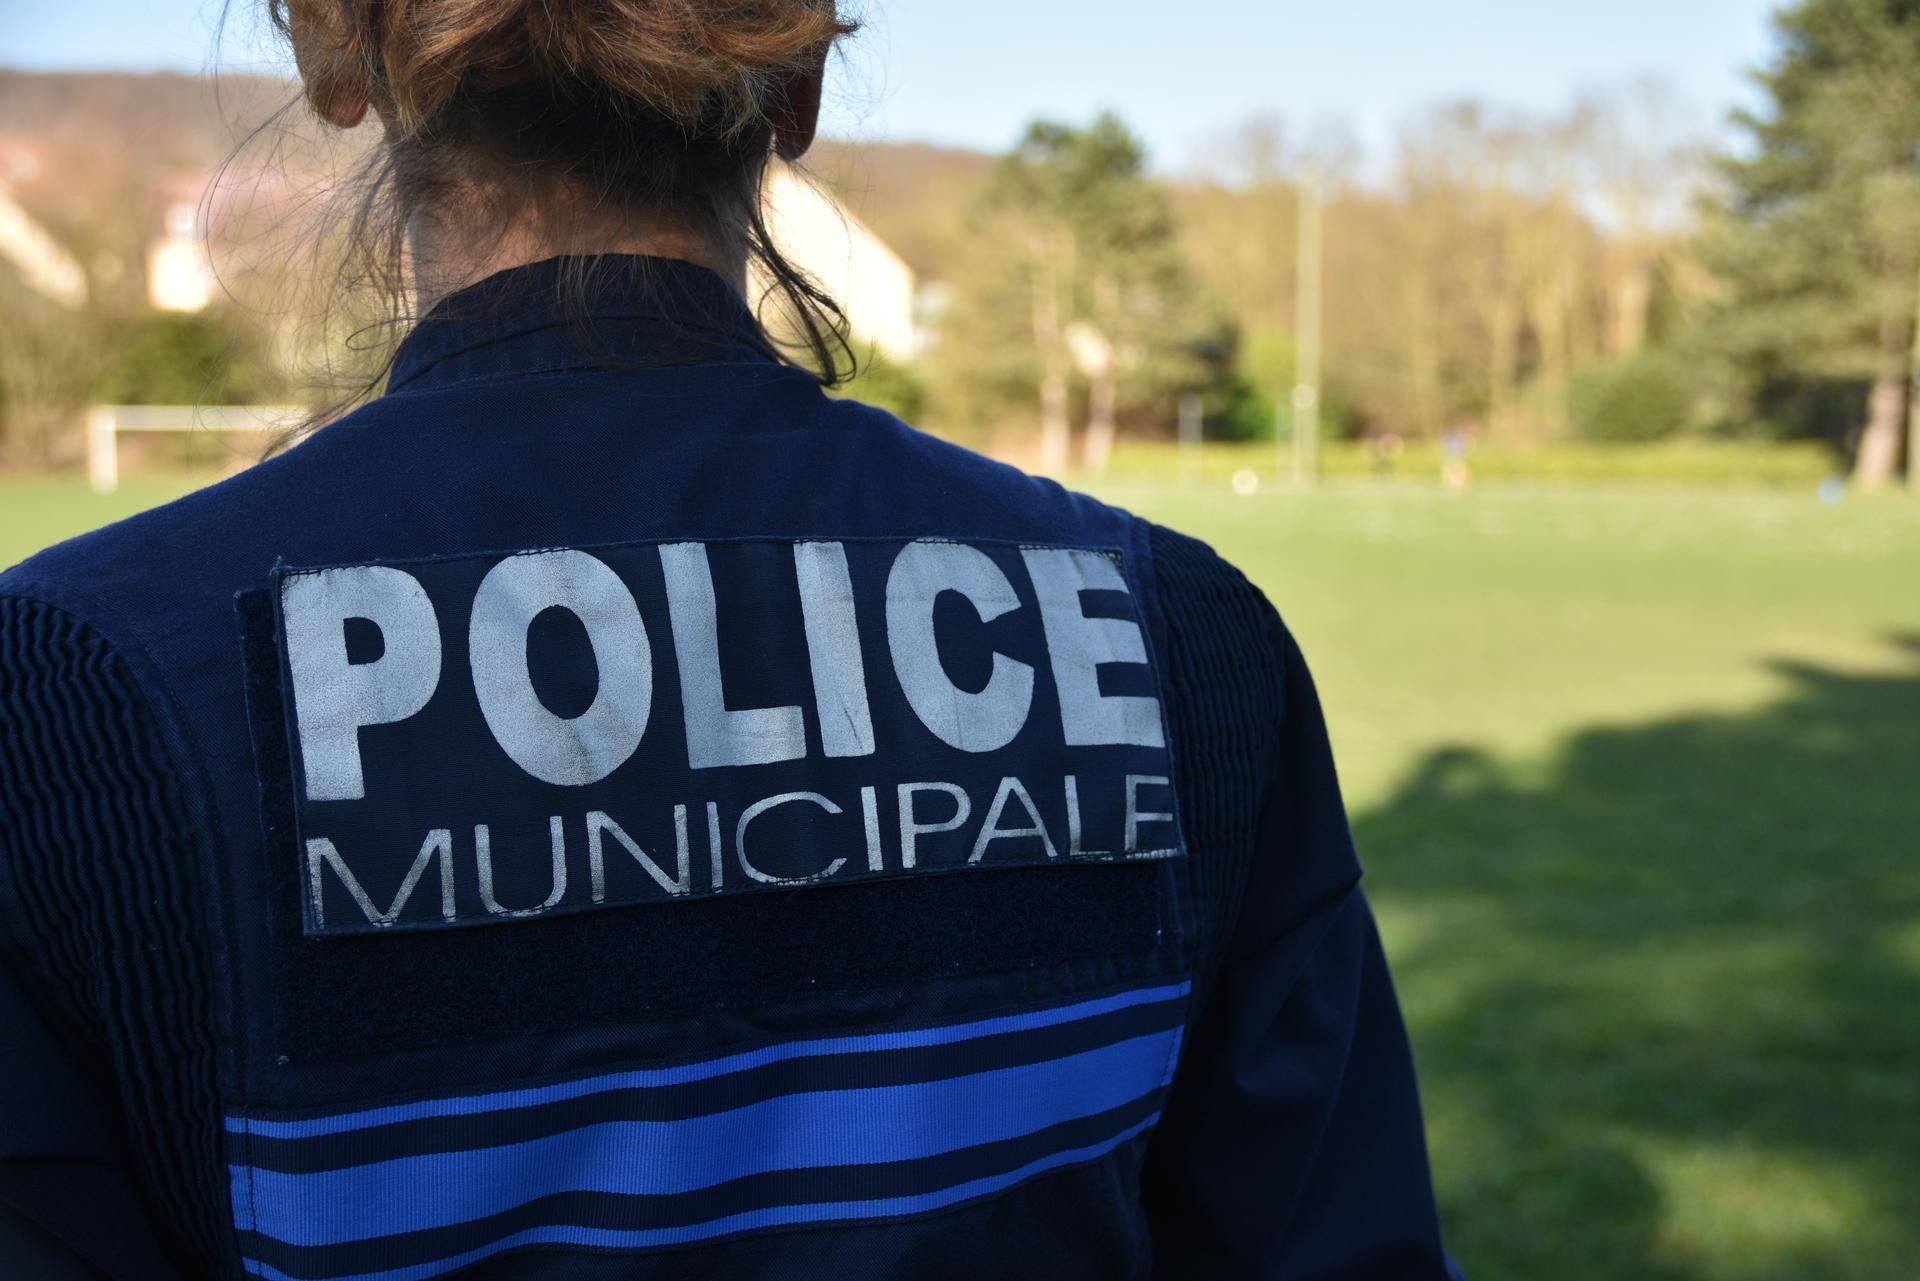 Triel Sur Seine Fr la police municipale - triel-sur-seine